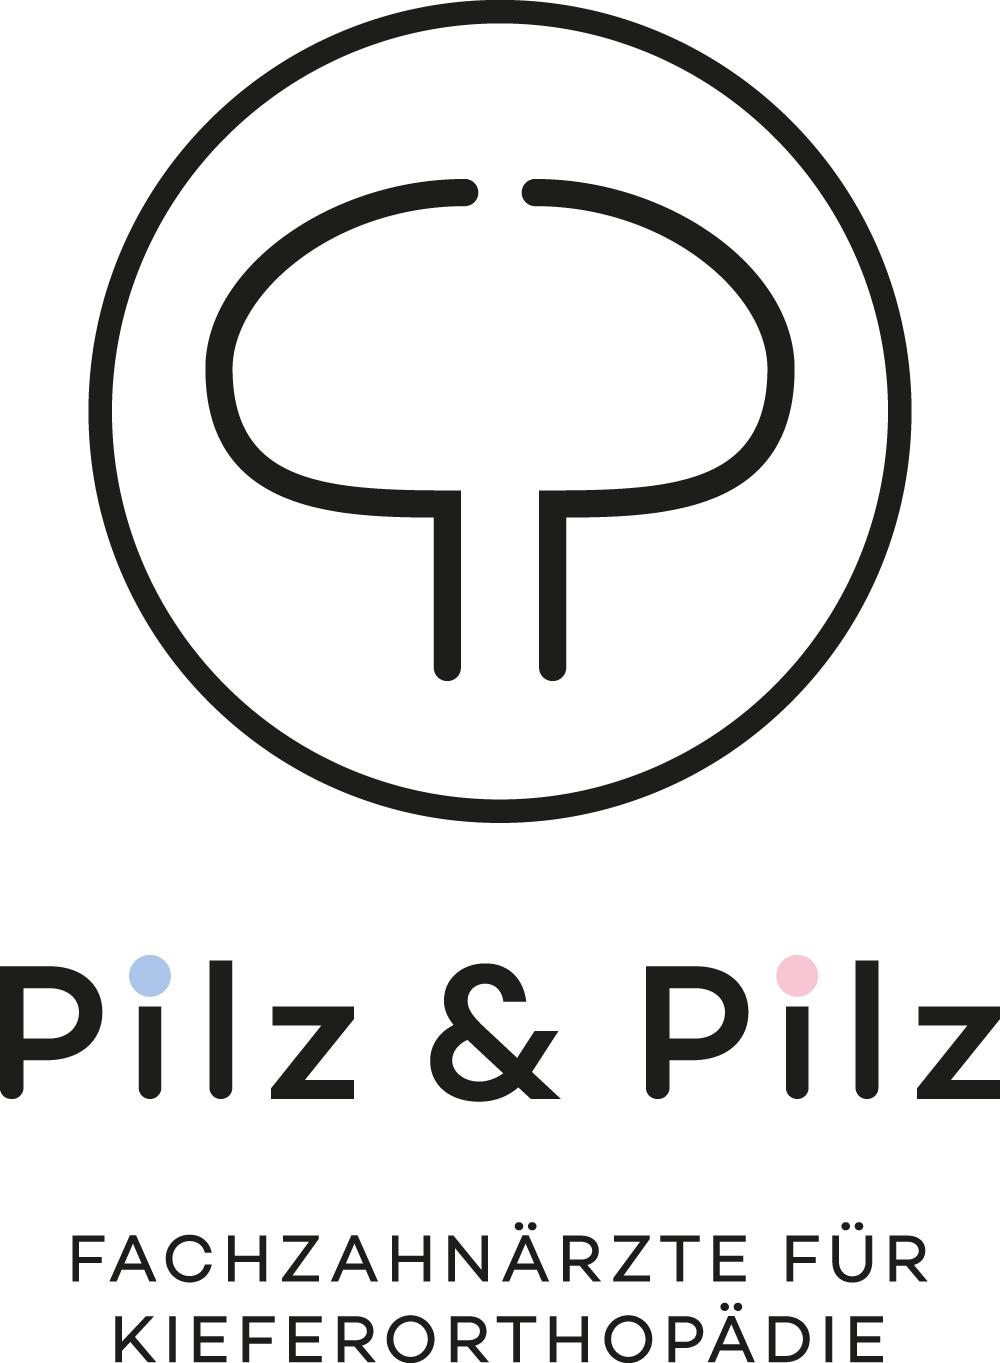 Pilz & Pilz